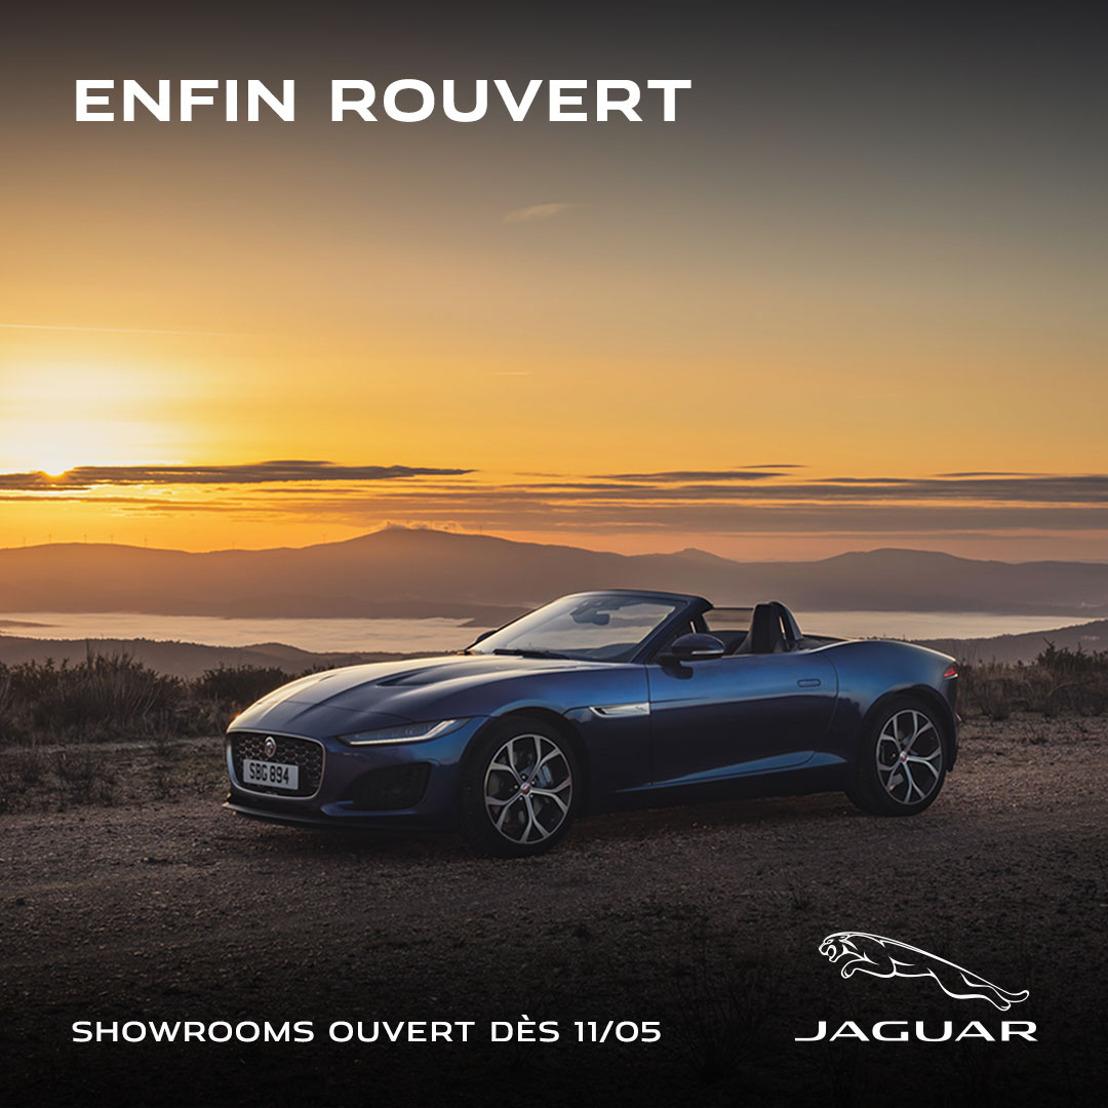 Les concessionnaires Jaguar Land Rover reprennent leurs activités commerciales après la réglementation COVID-19 assouplie